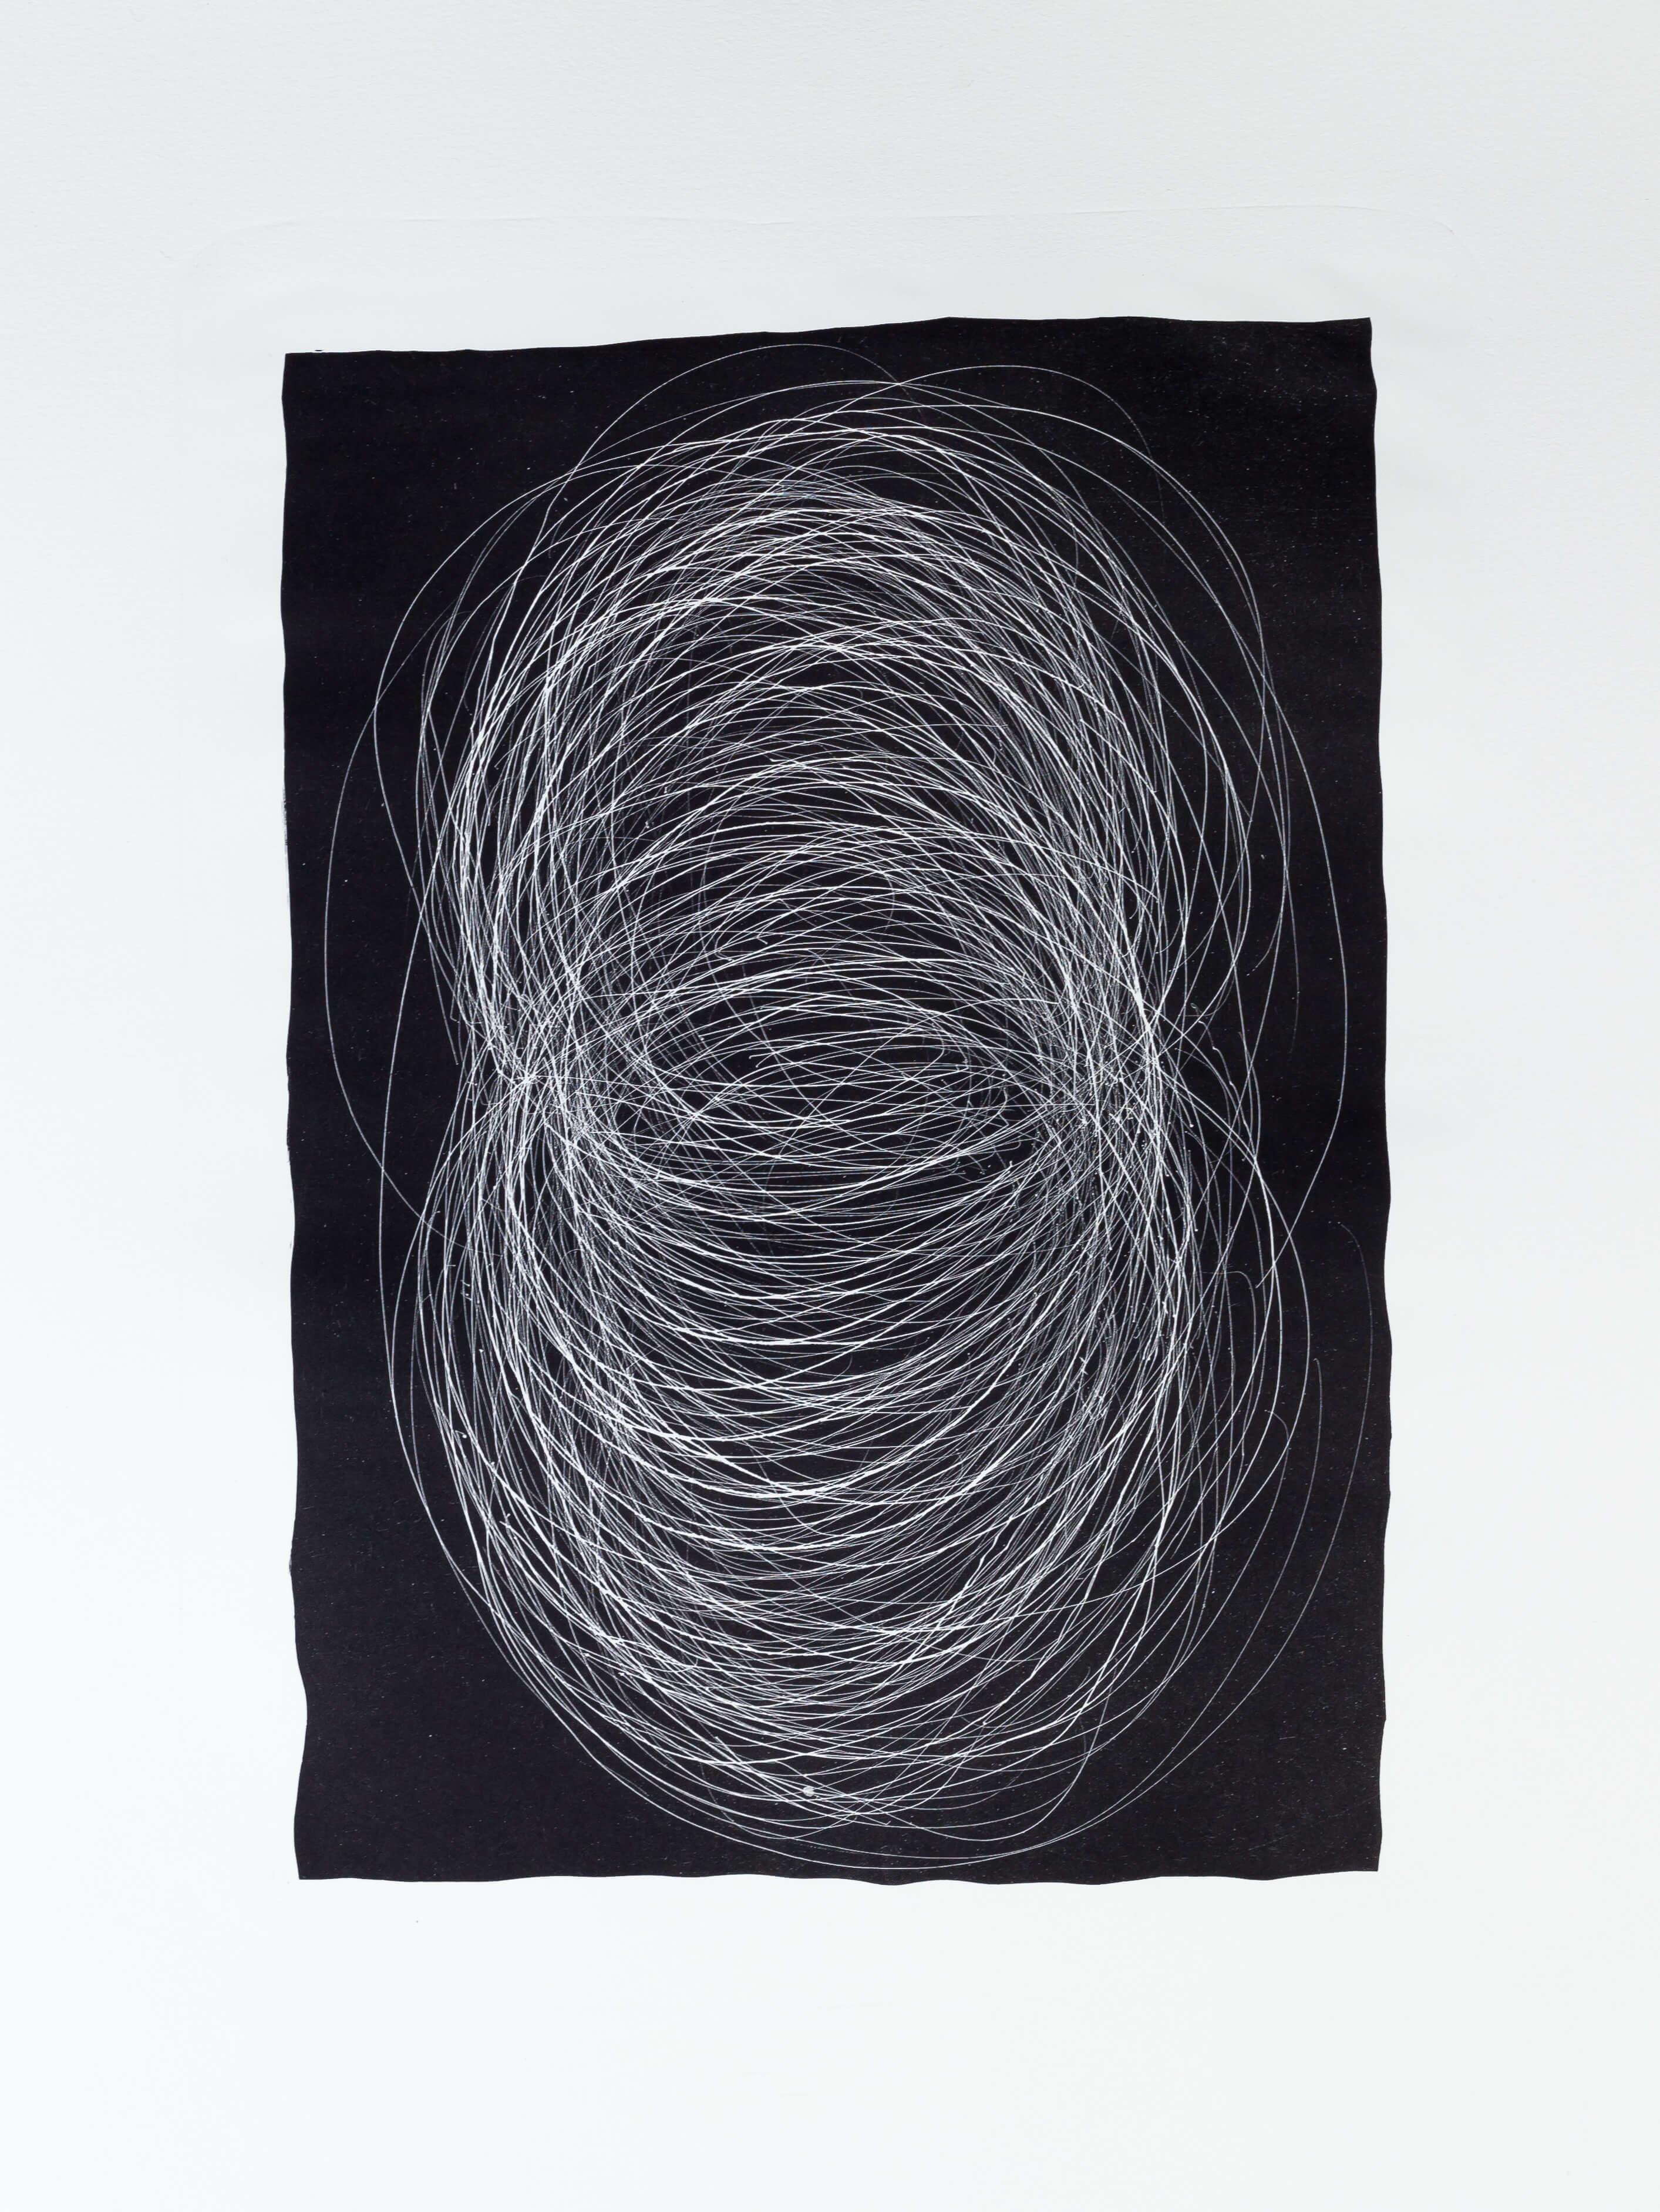 Katharina Albers, Transformation II, 2011, Schablithographie, 4 Auflagen, 40x29,5cm